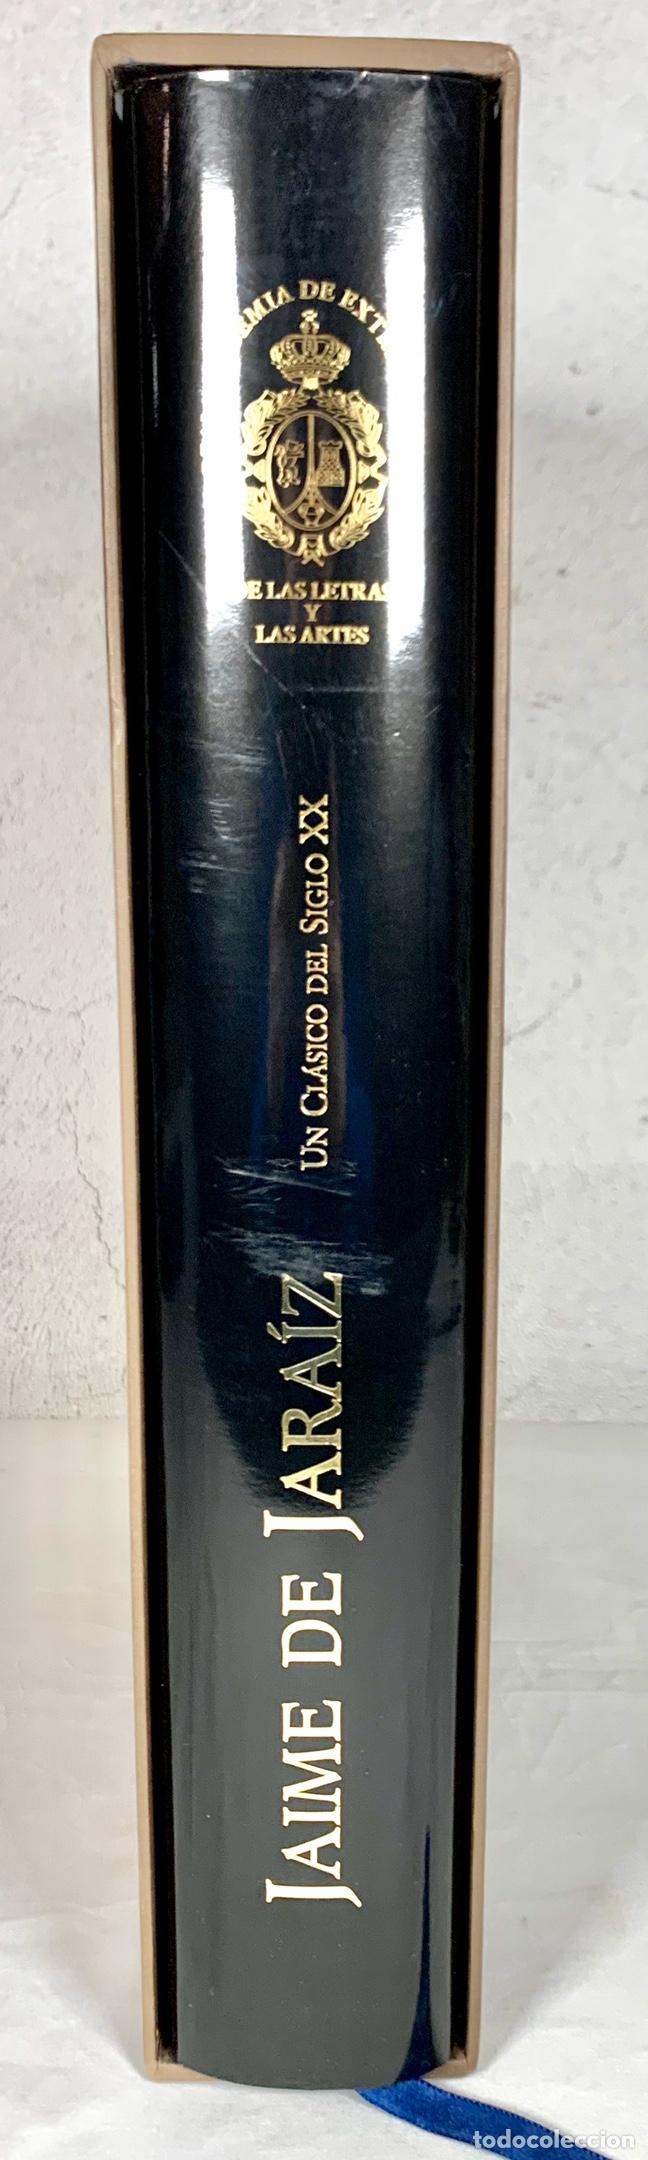 Libros: Libro Jaime de Jaraíz: Un clásico del siglo XX + 2 CD - Foto 12 - 196980241